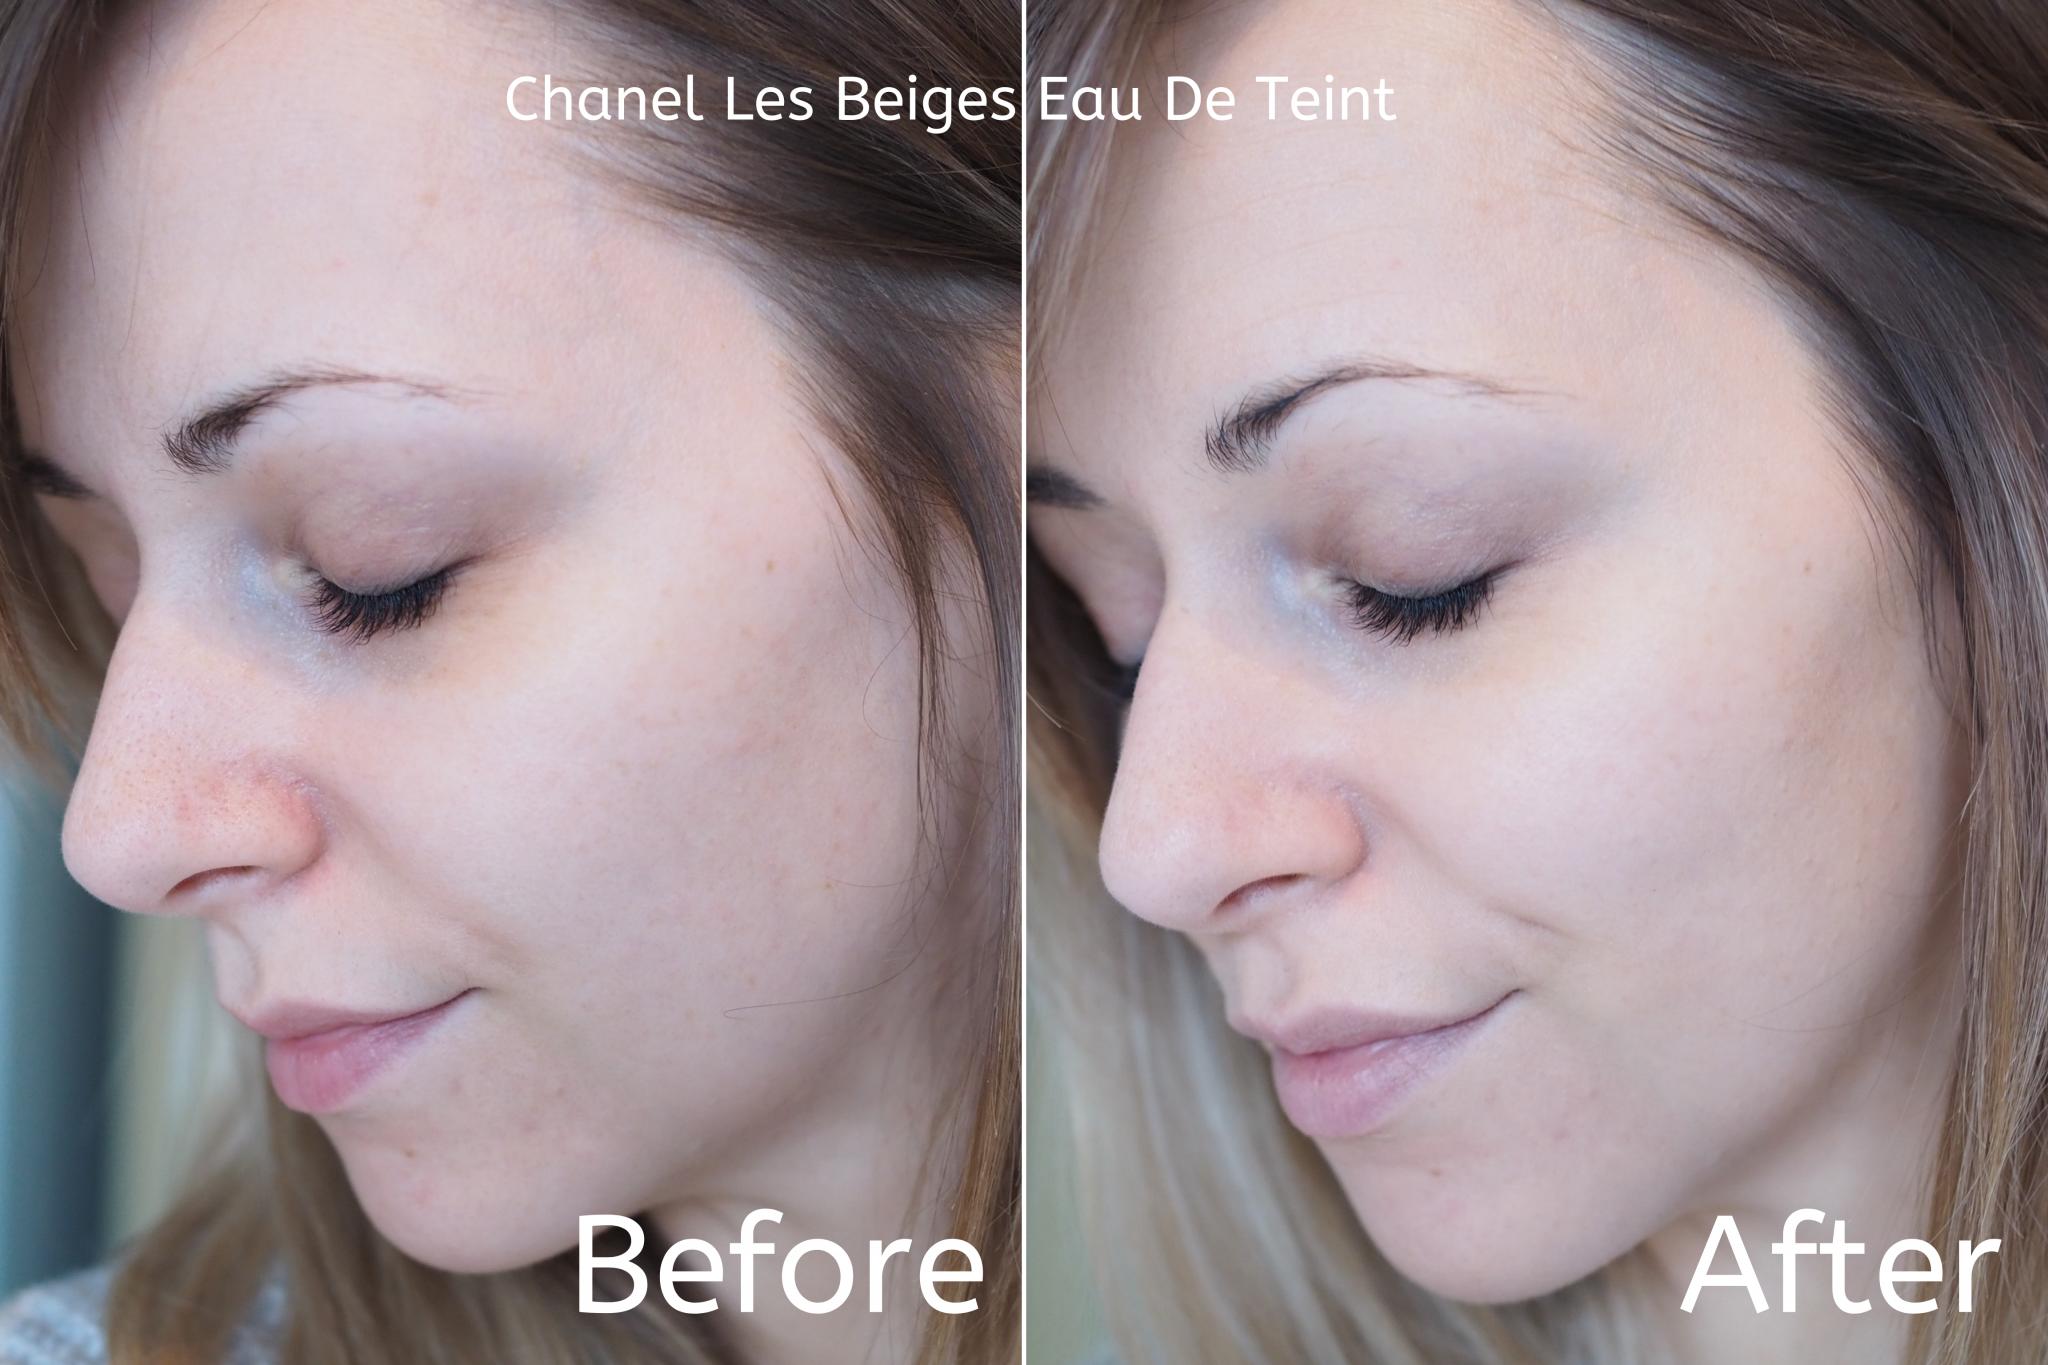 Chanel Les Beiges Eau De Teint Swatches